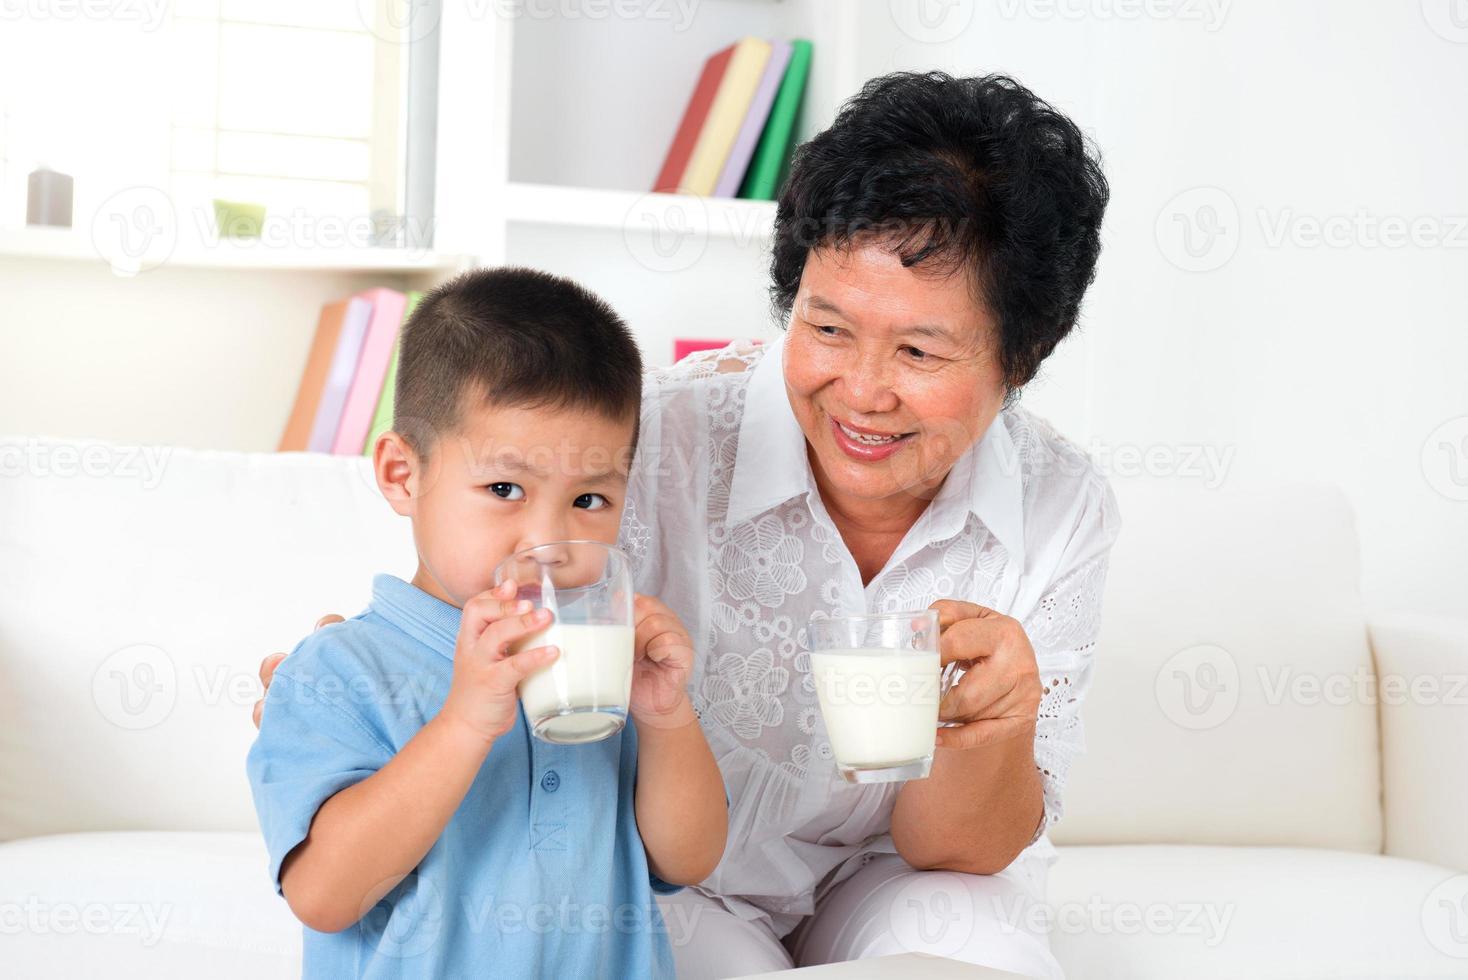 dricka mjölk tillsammans foto